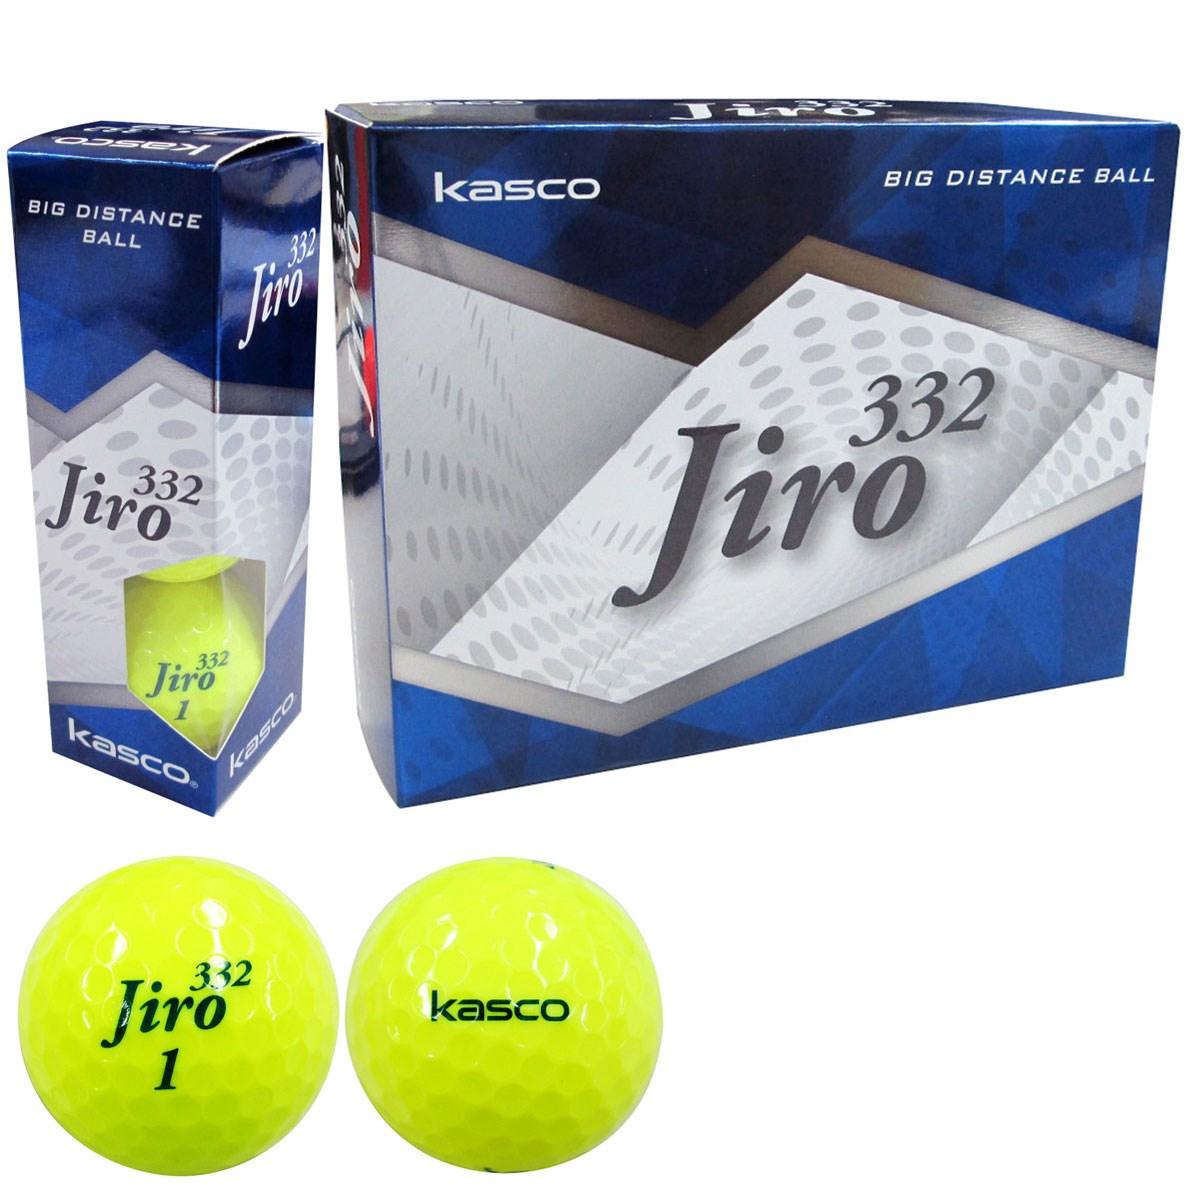 キャスコ KASCO jiro332ボール 5ダースセット 5ダース(60個入り) イエロー